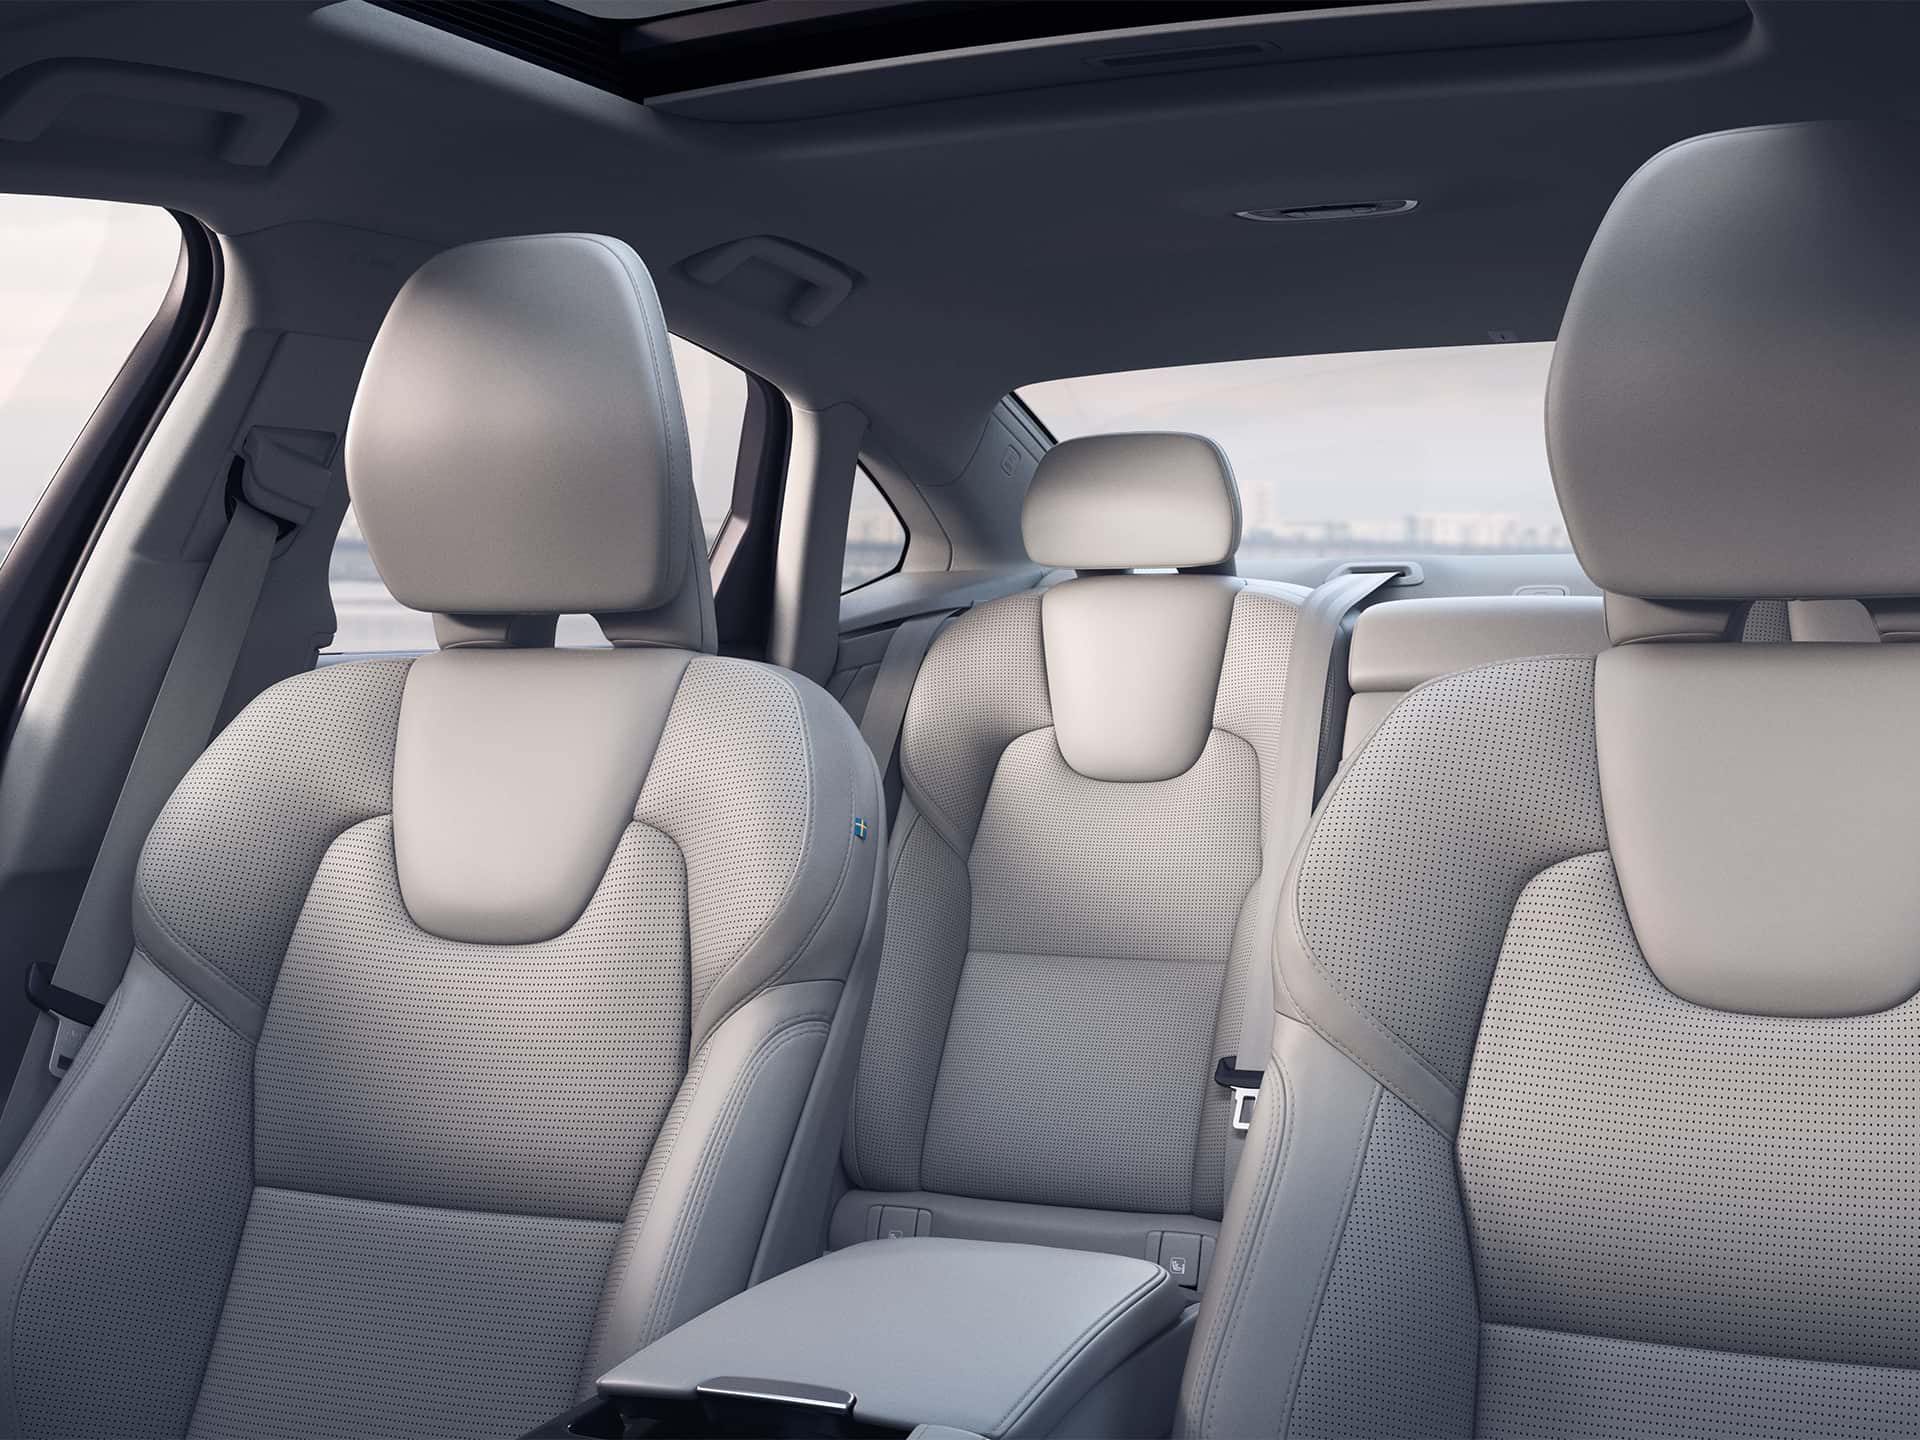 Dentro de un Volvo sedán, con un interior de color beige claro